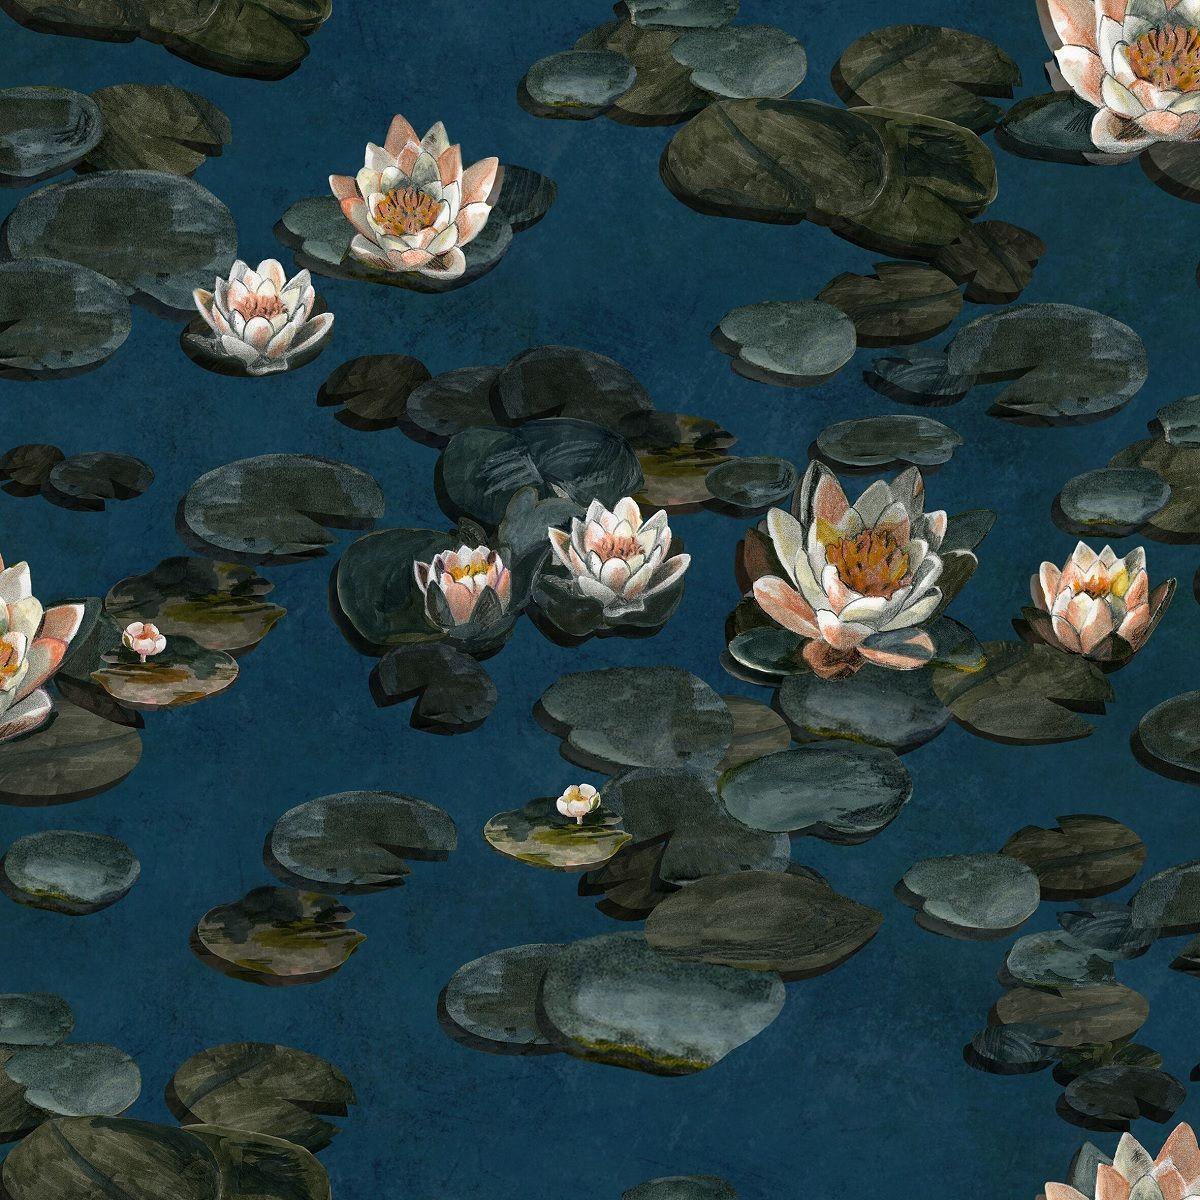 Water lilies painting image by Iboja Mišković on lepe